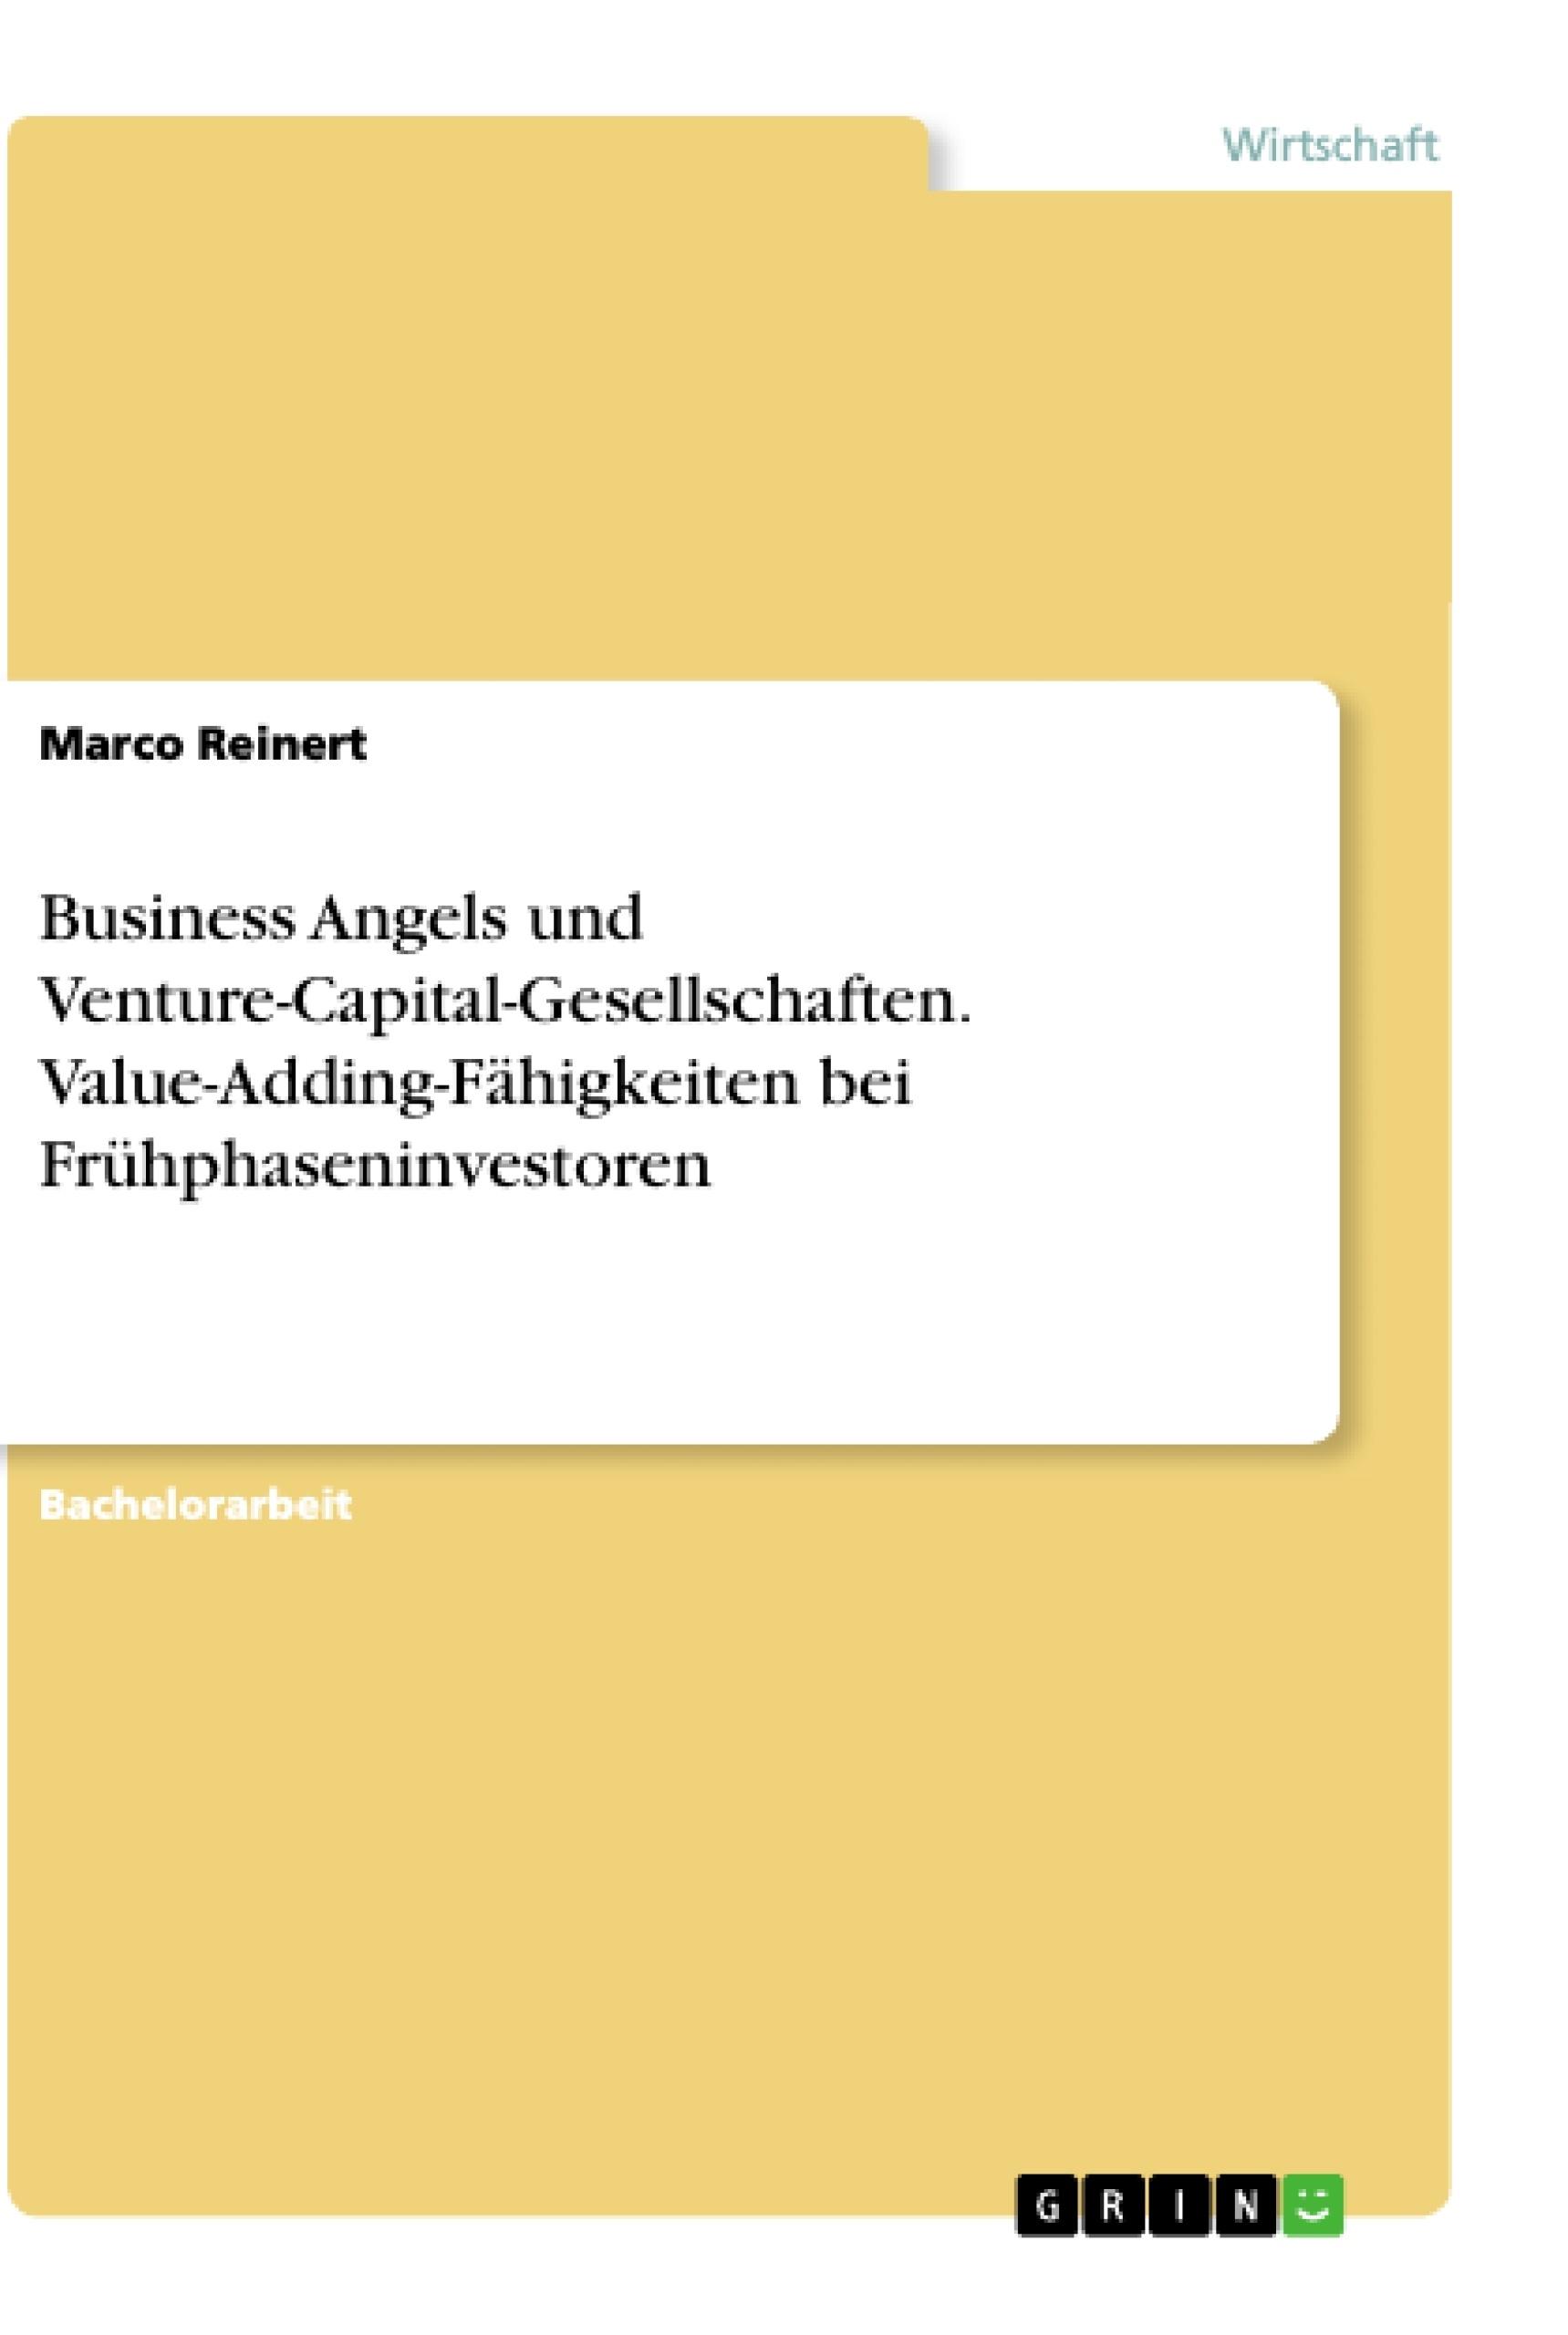 Titel: Business Angels und Venture-Capital-Gesellschaften. Value-Adding-Fähigkeiten bei Frühphaseninvestoren